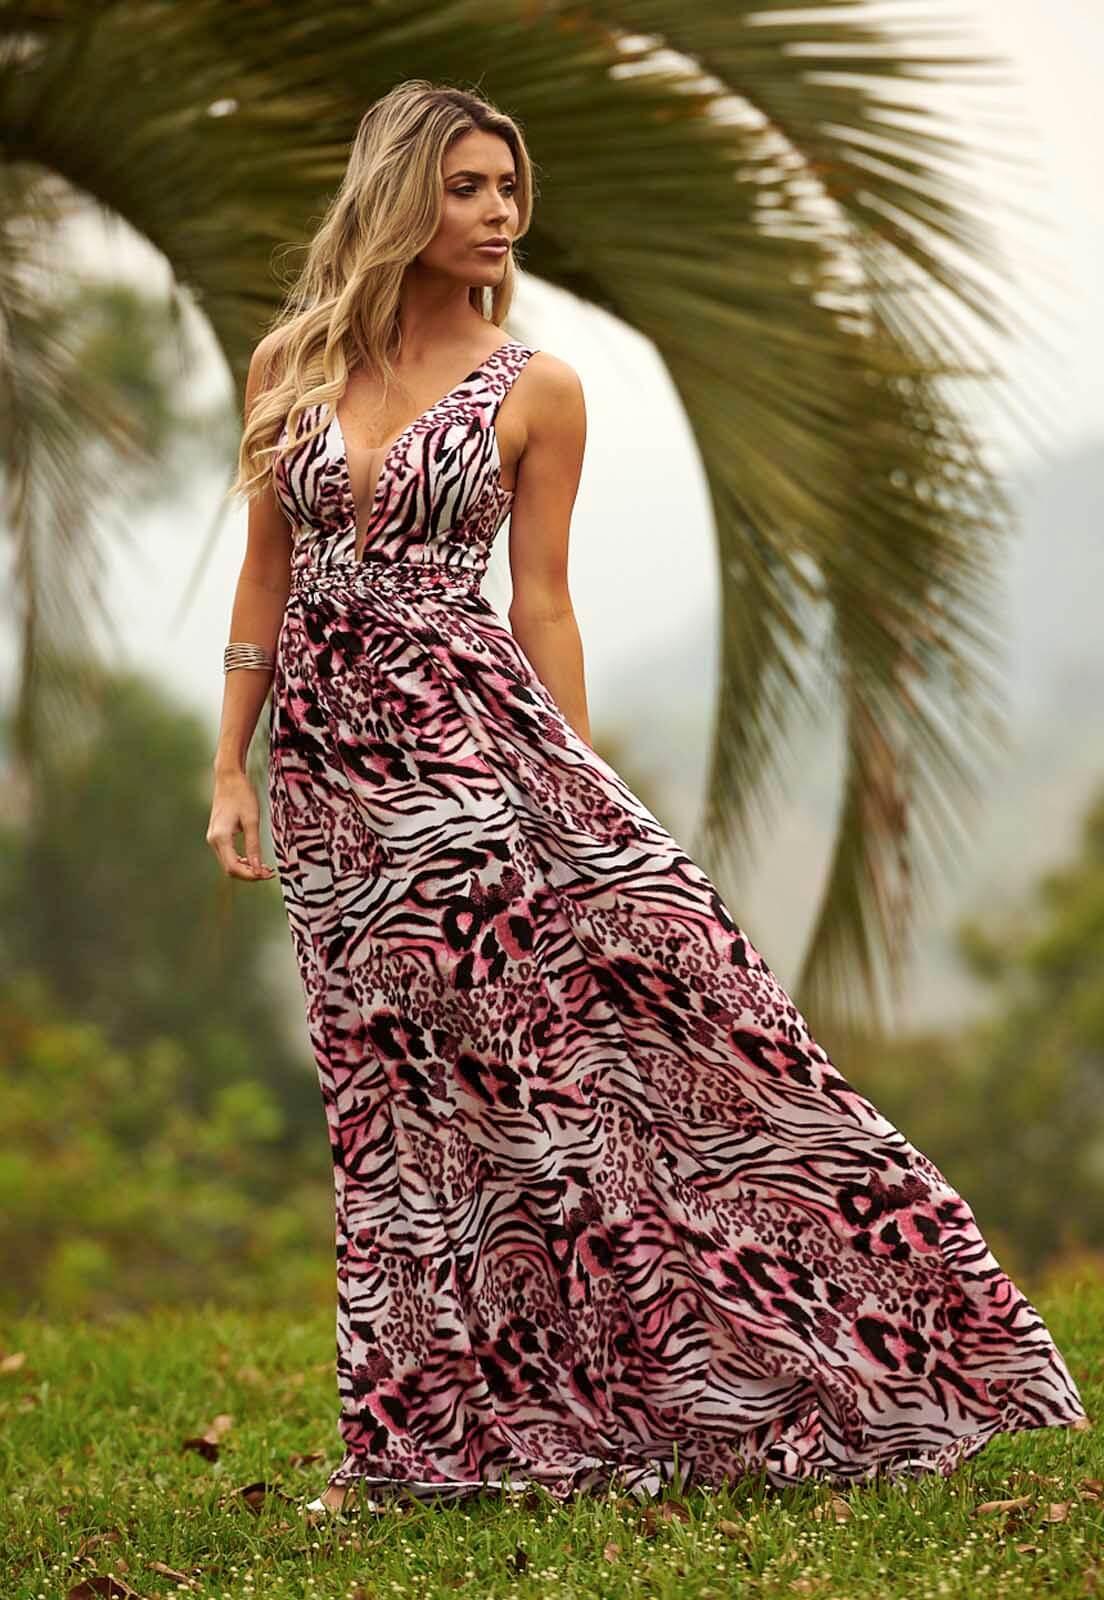 Vestido Animal Print Zebra Rosa